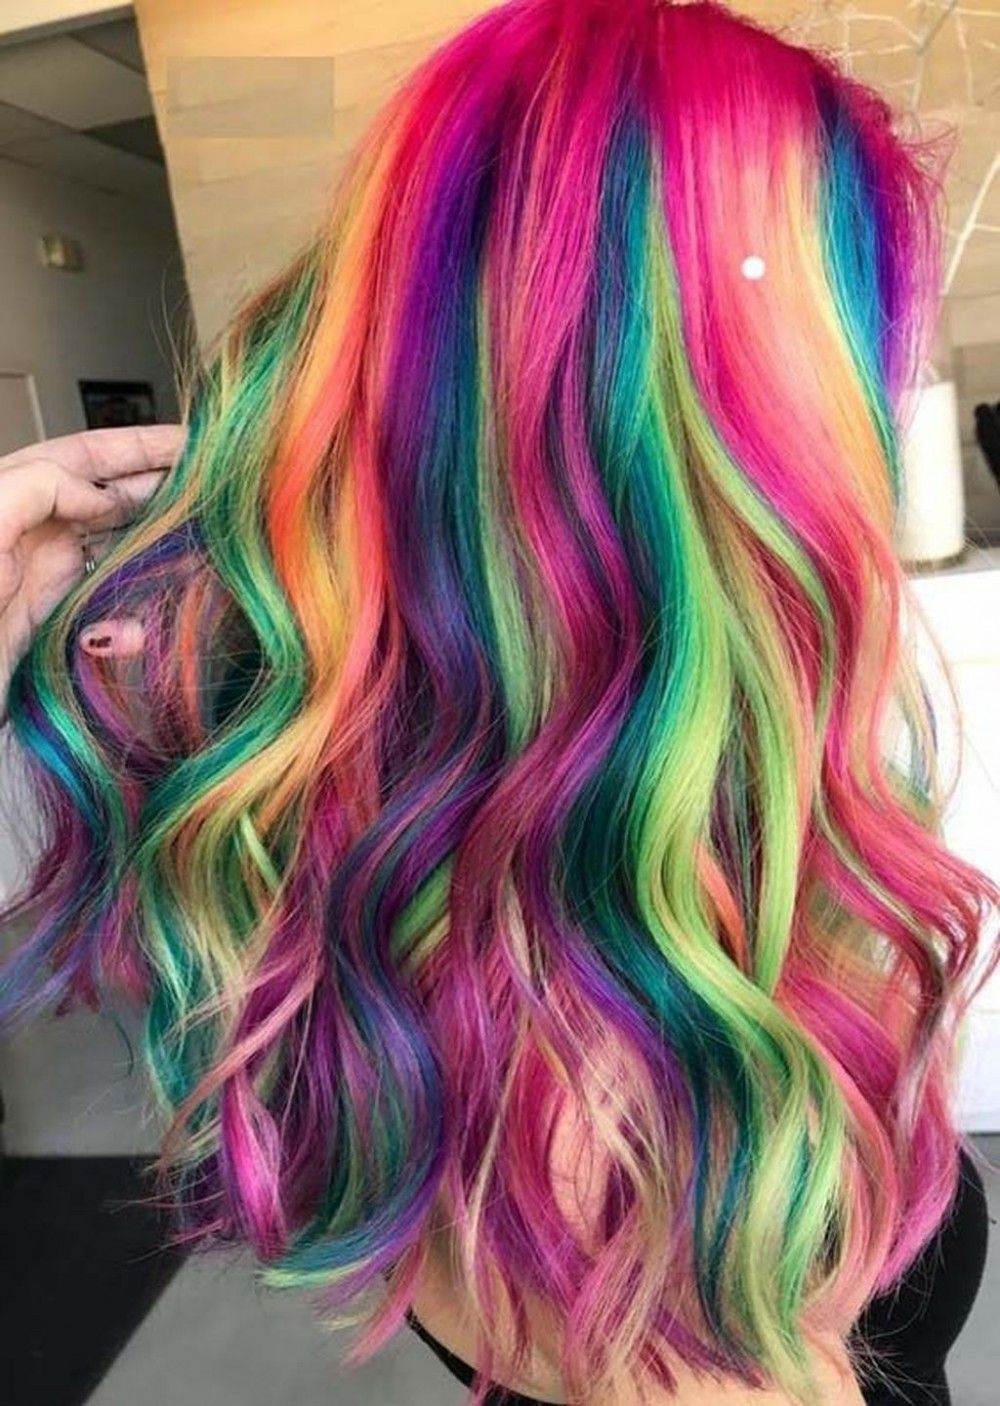 30 Coole Haarfarbe Ideen Haarfarben Coole Frisuren Regenbogenhaare